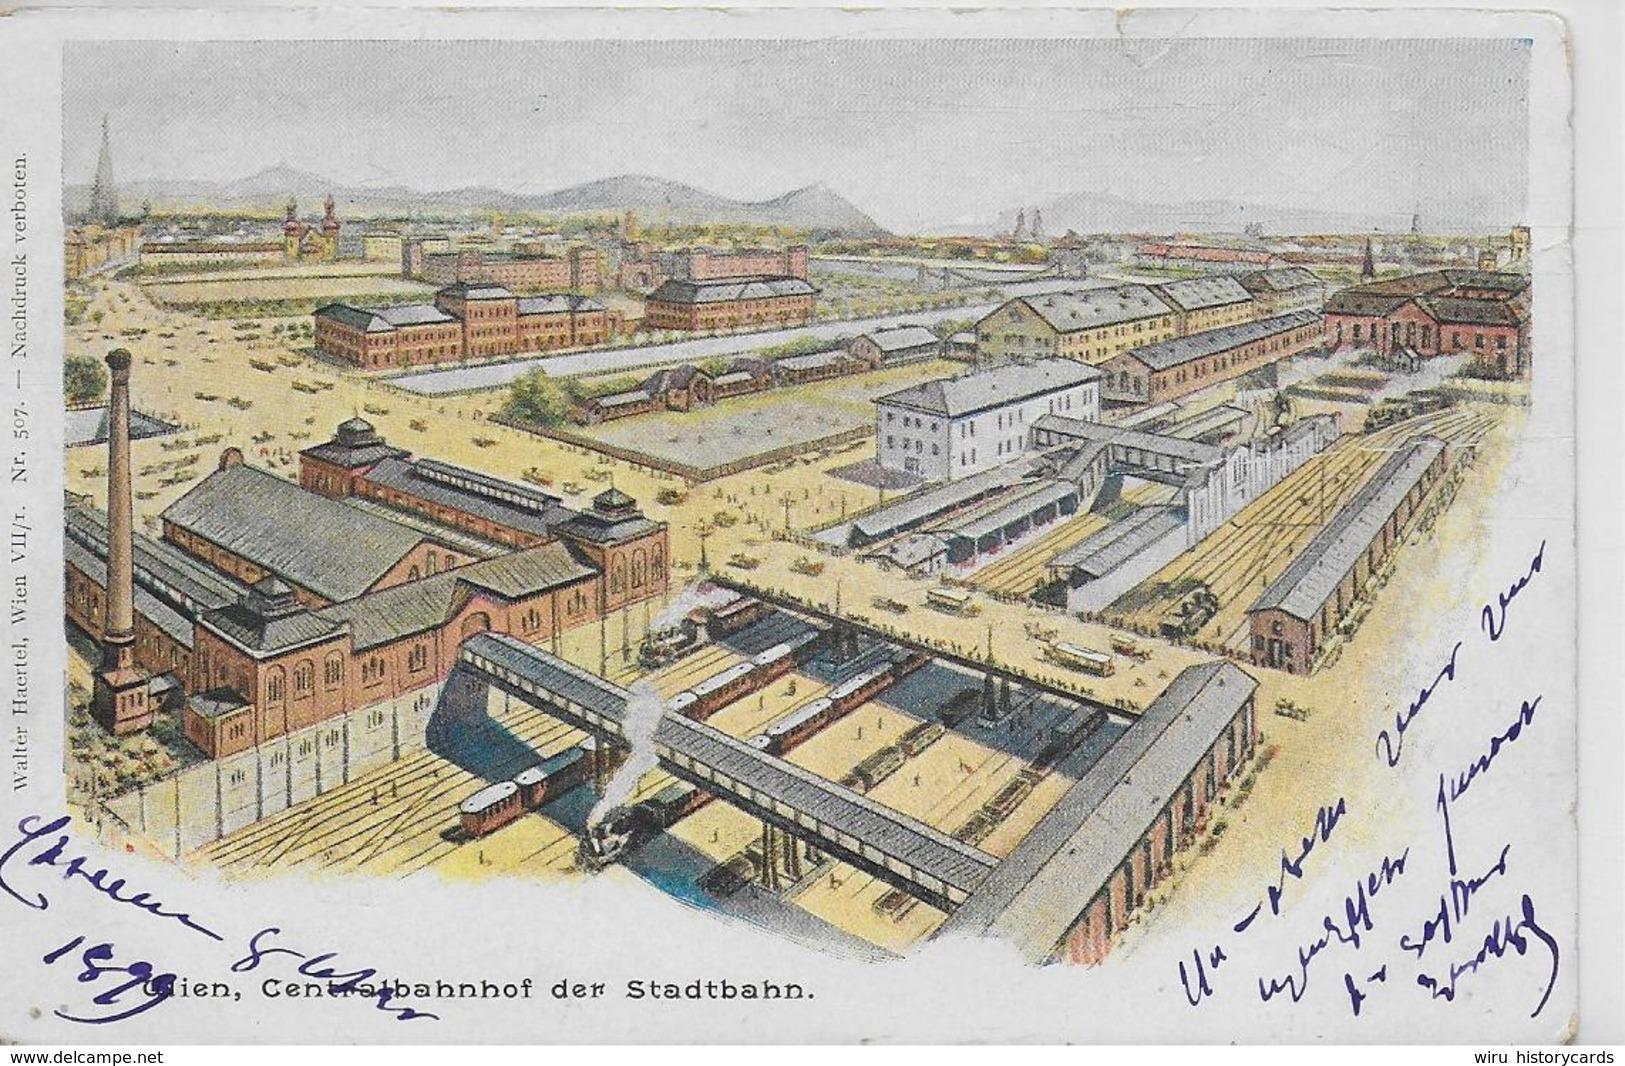 AK 0294  Wien - Centralbahnhof Der Stadtbahn Um 1899 - Wien Mitte